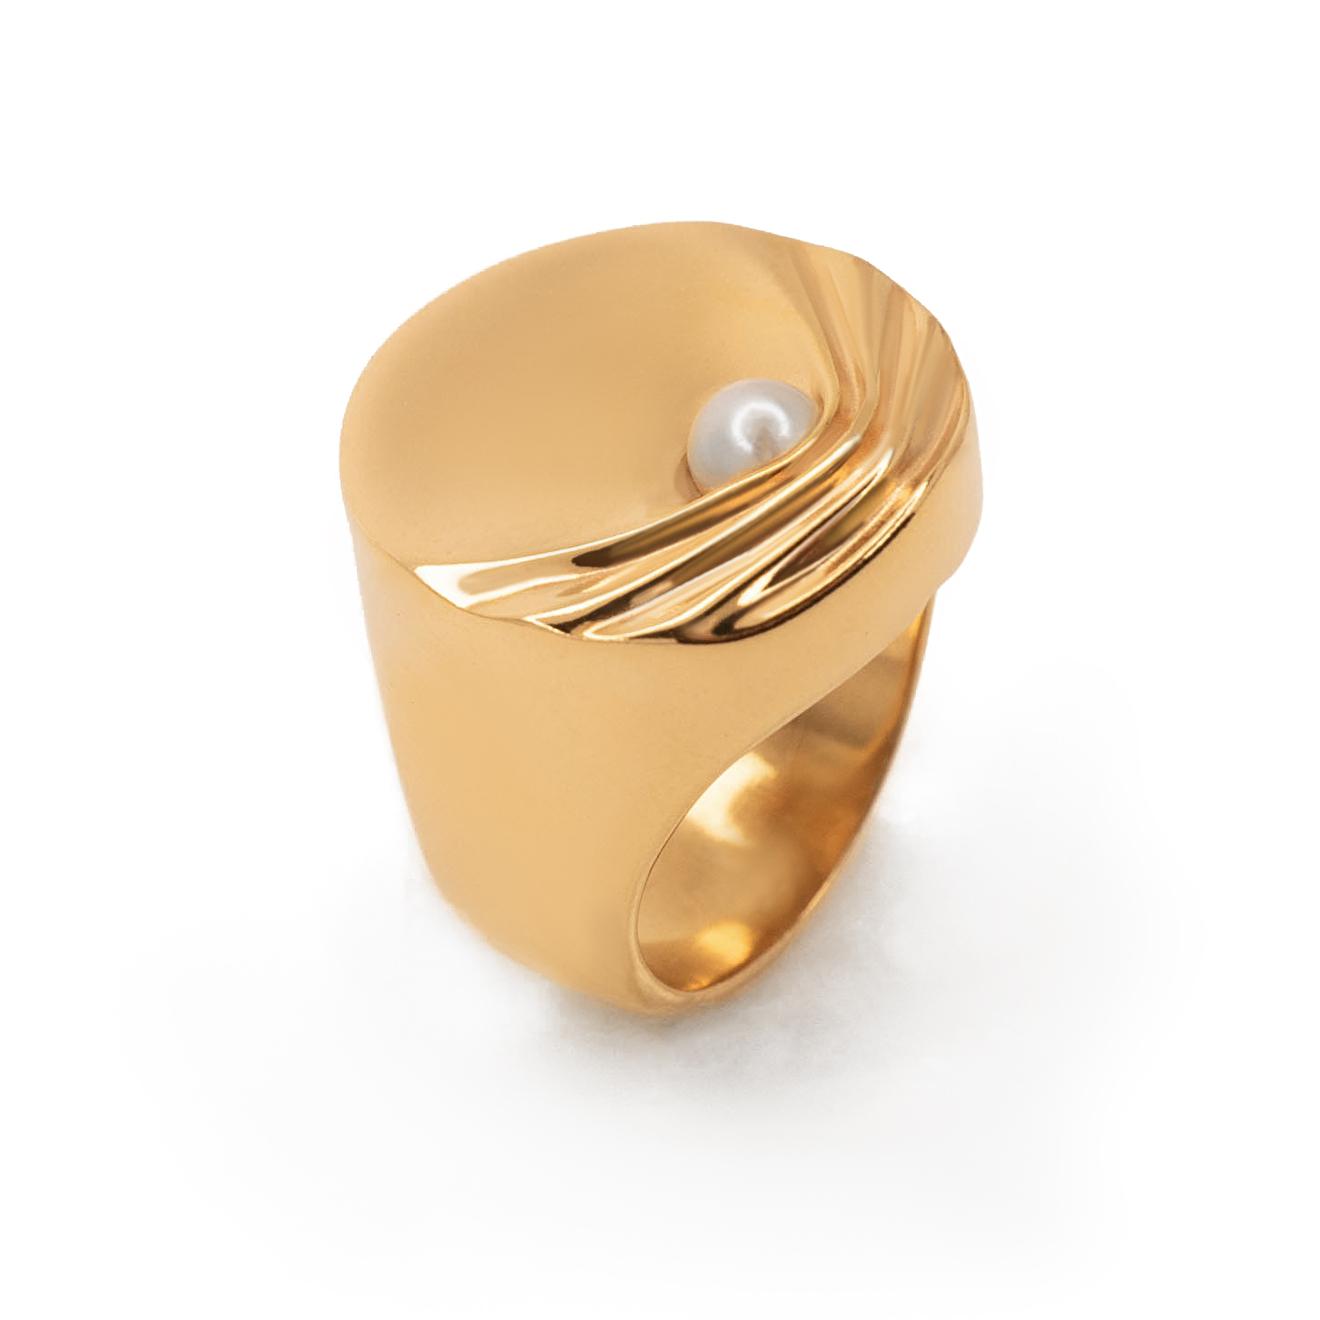 Fjord Позолоченное кольцо-печатка Gravity из серебра с жемчугом